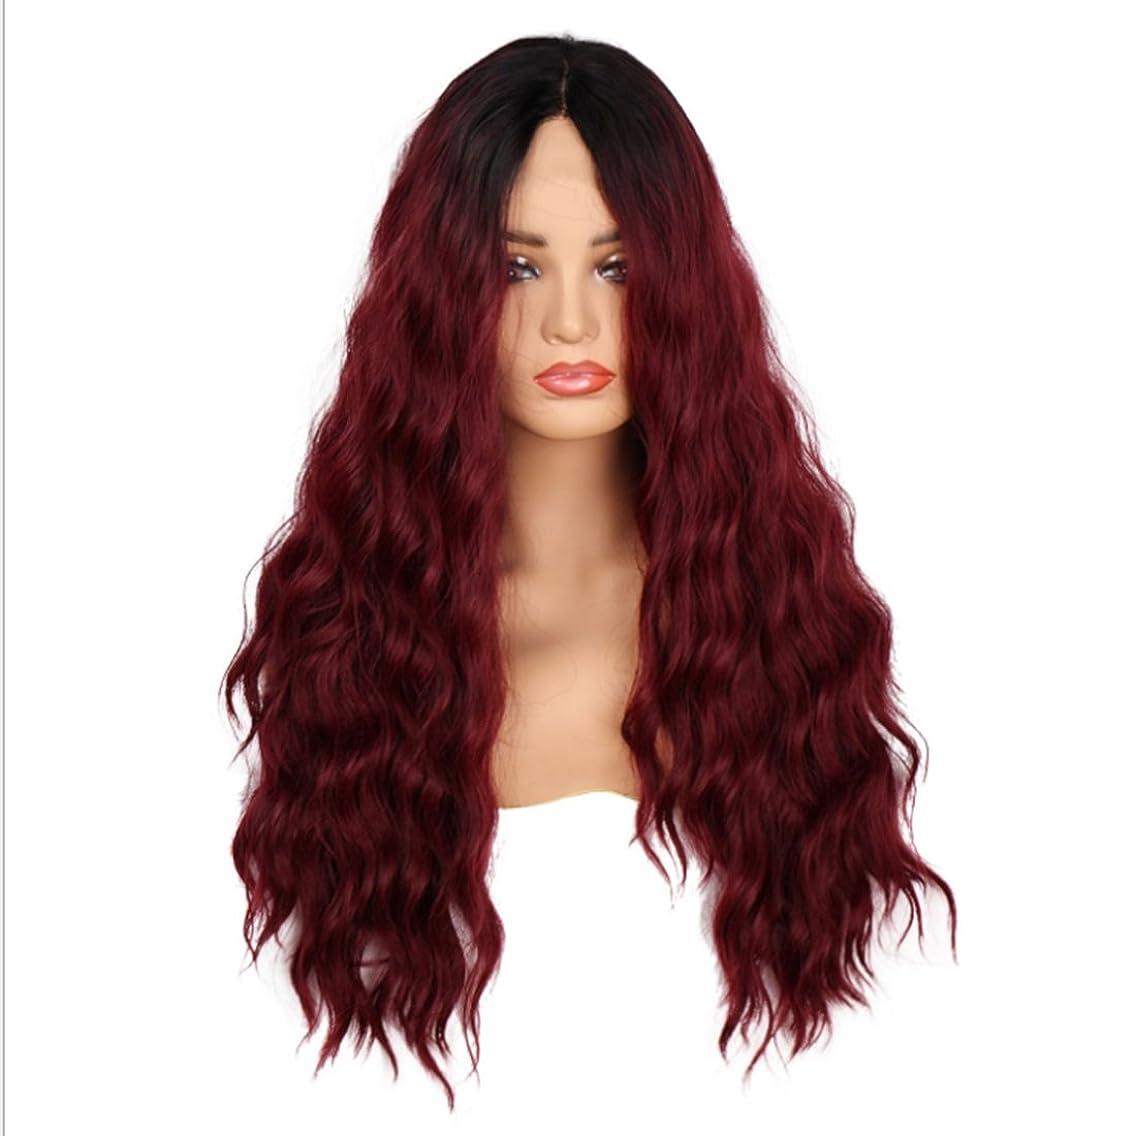 円形肖像画コミットメントDoyvanntgo 女性のための24インチの長いカーリーウィッグ完全な手織りレースフロントワインレッドヘアミッドポイントバンと高温シルク合成髪ウィッグ髪の耐熱性 (Color : Red wine)